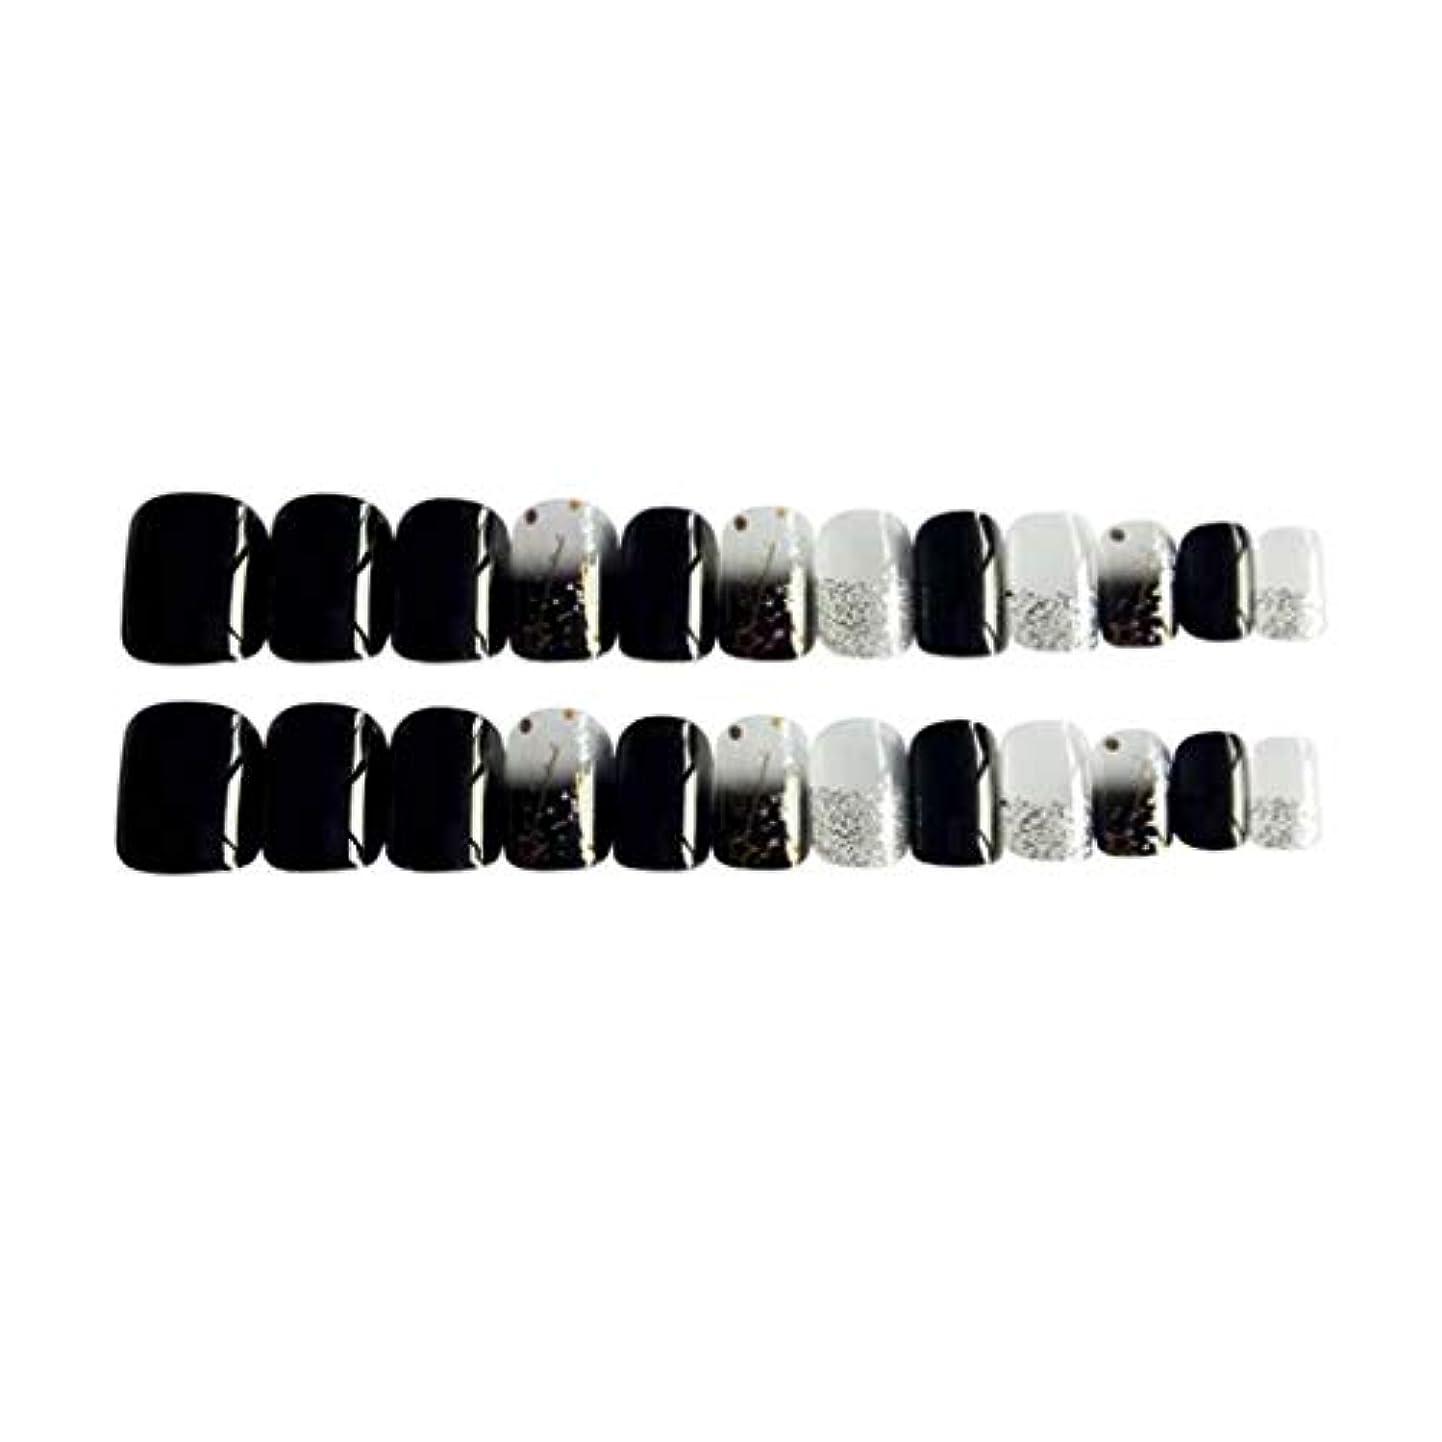 英語の授業があります株式系譜Perfeclan 約24個 つけ爪 ネイルチップ 長い爪 フルカバー 付け爪 手作りネイルチップ ブラック